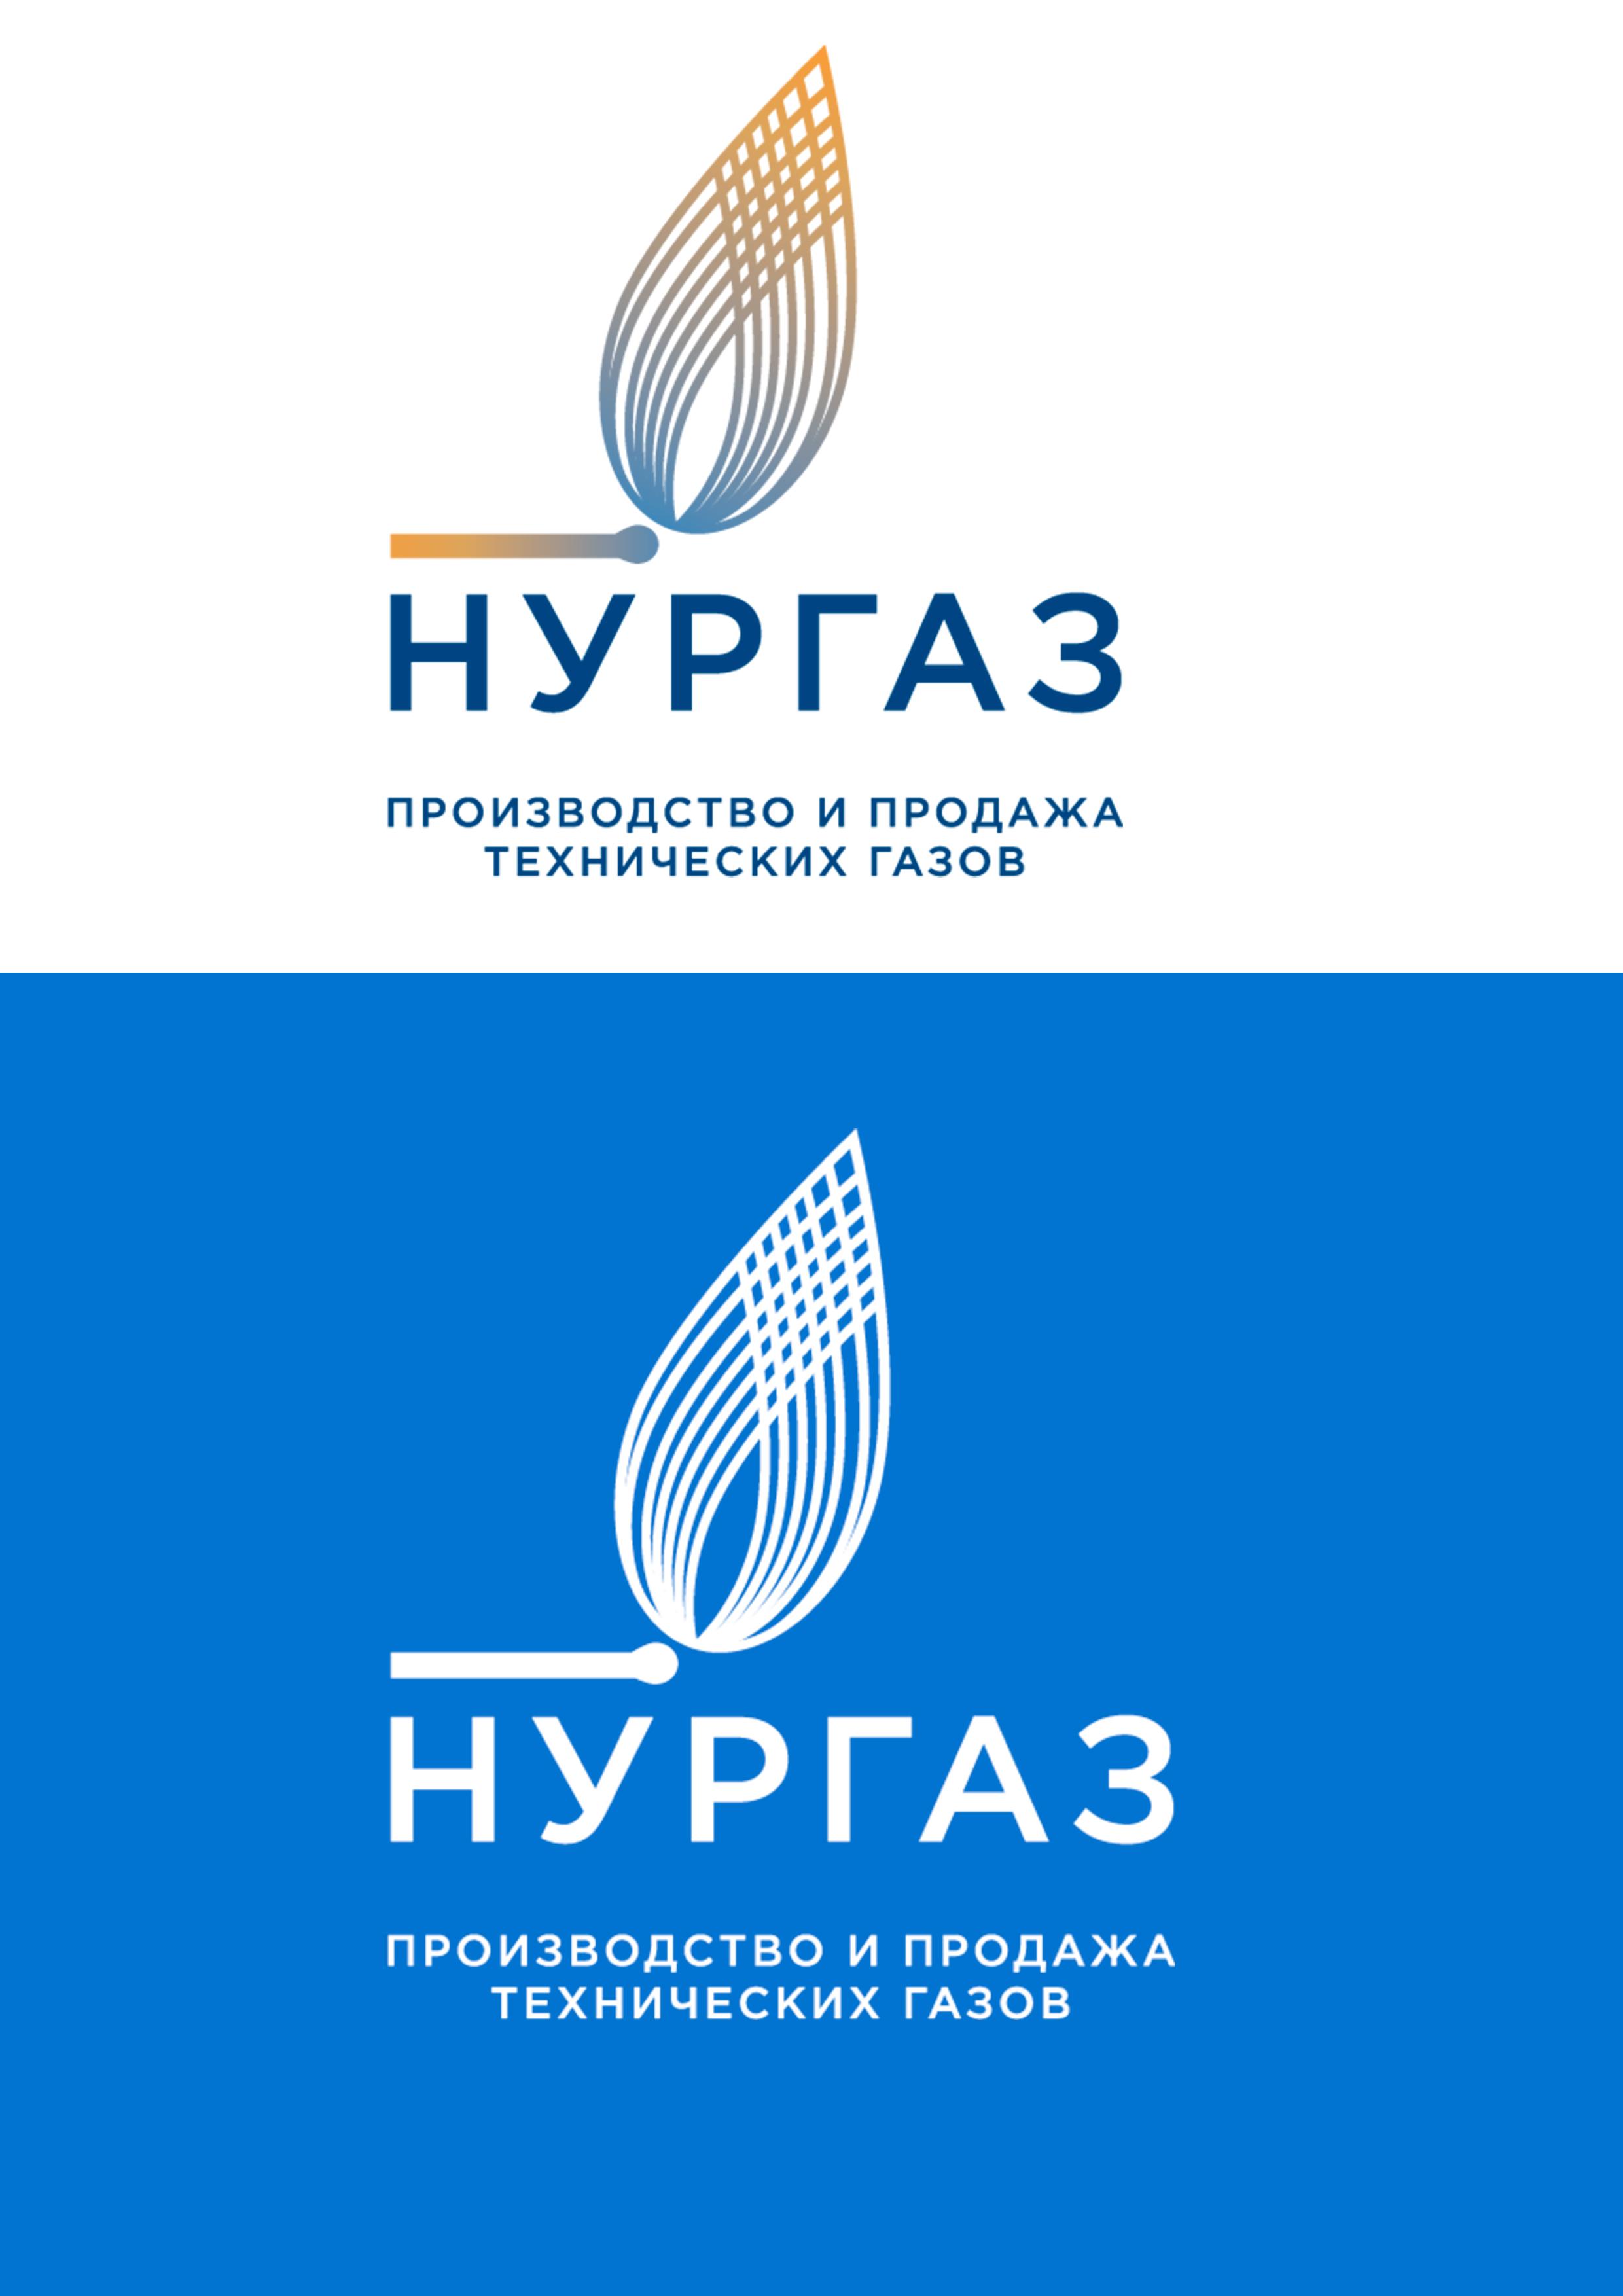 Разработка логотипа и фирменного стиля фото f_1285d9b21dcef2eb.jpg